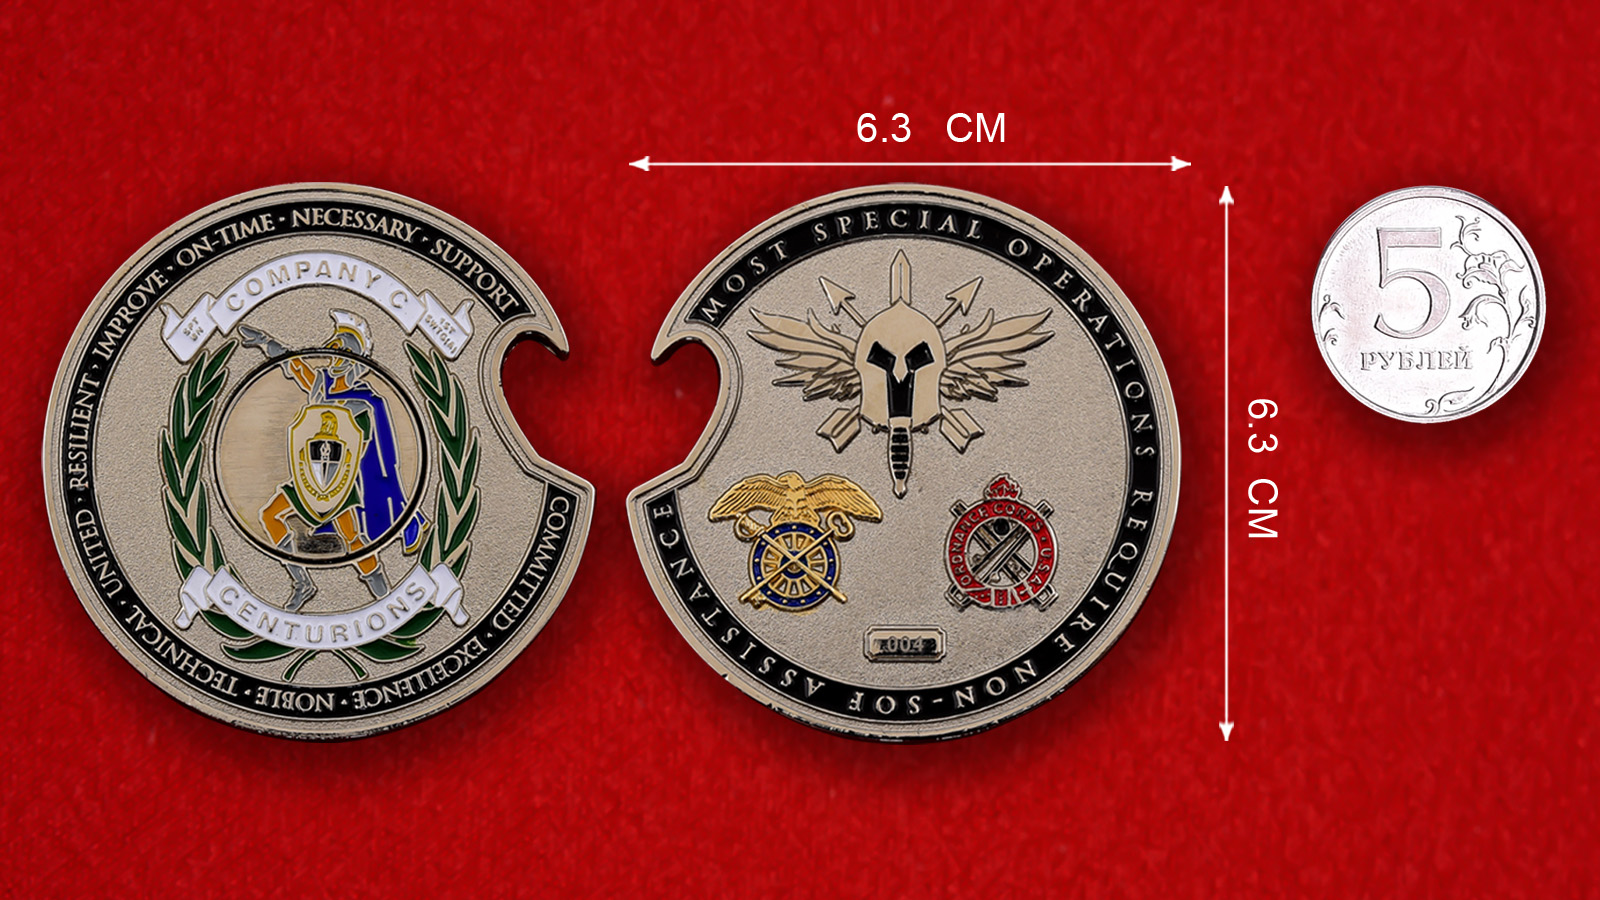 Челлендж коин 1-й Учебной группы (воздушно-десантной) Командования специальных операций армии США